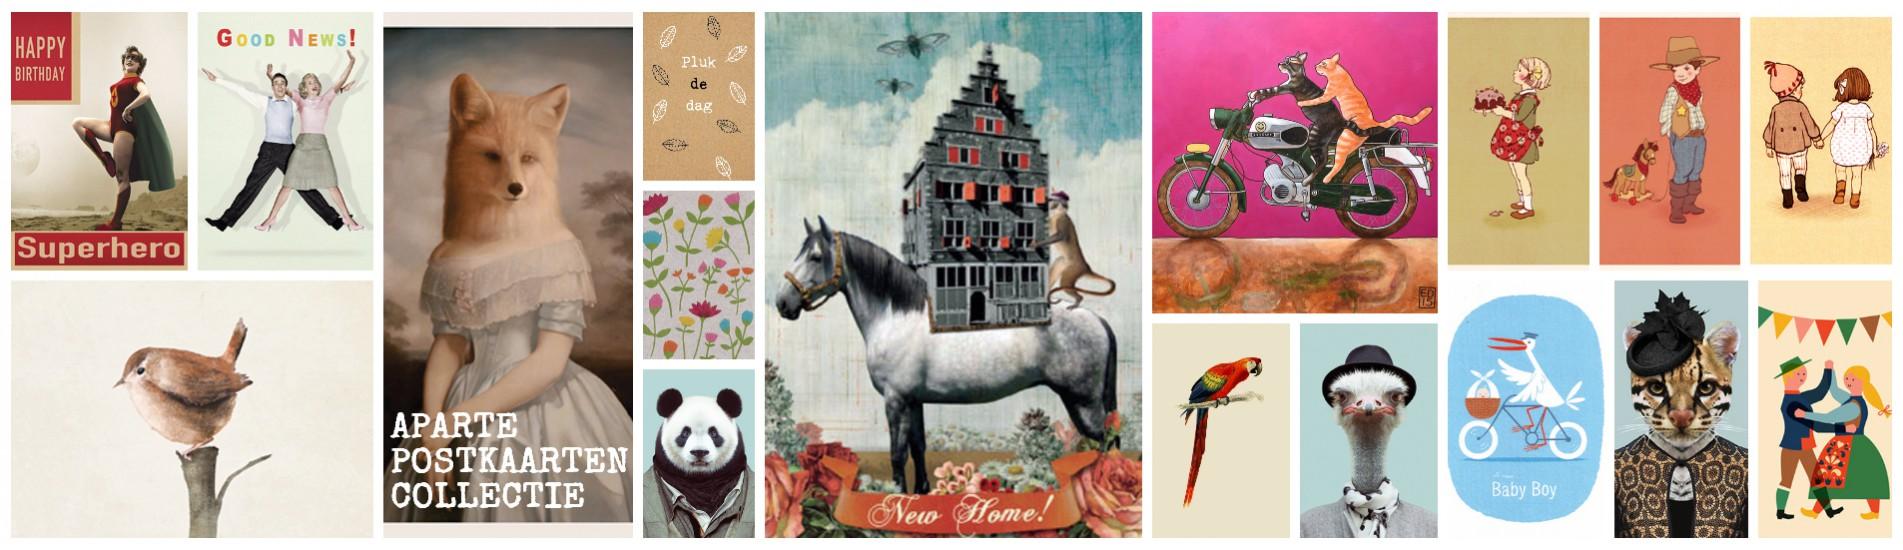 Banner-postkaarten-ansichtkaarten